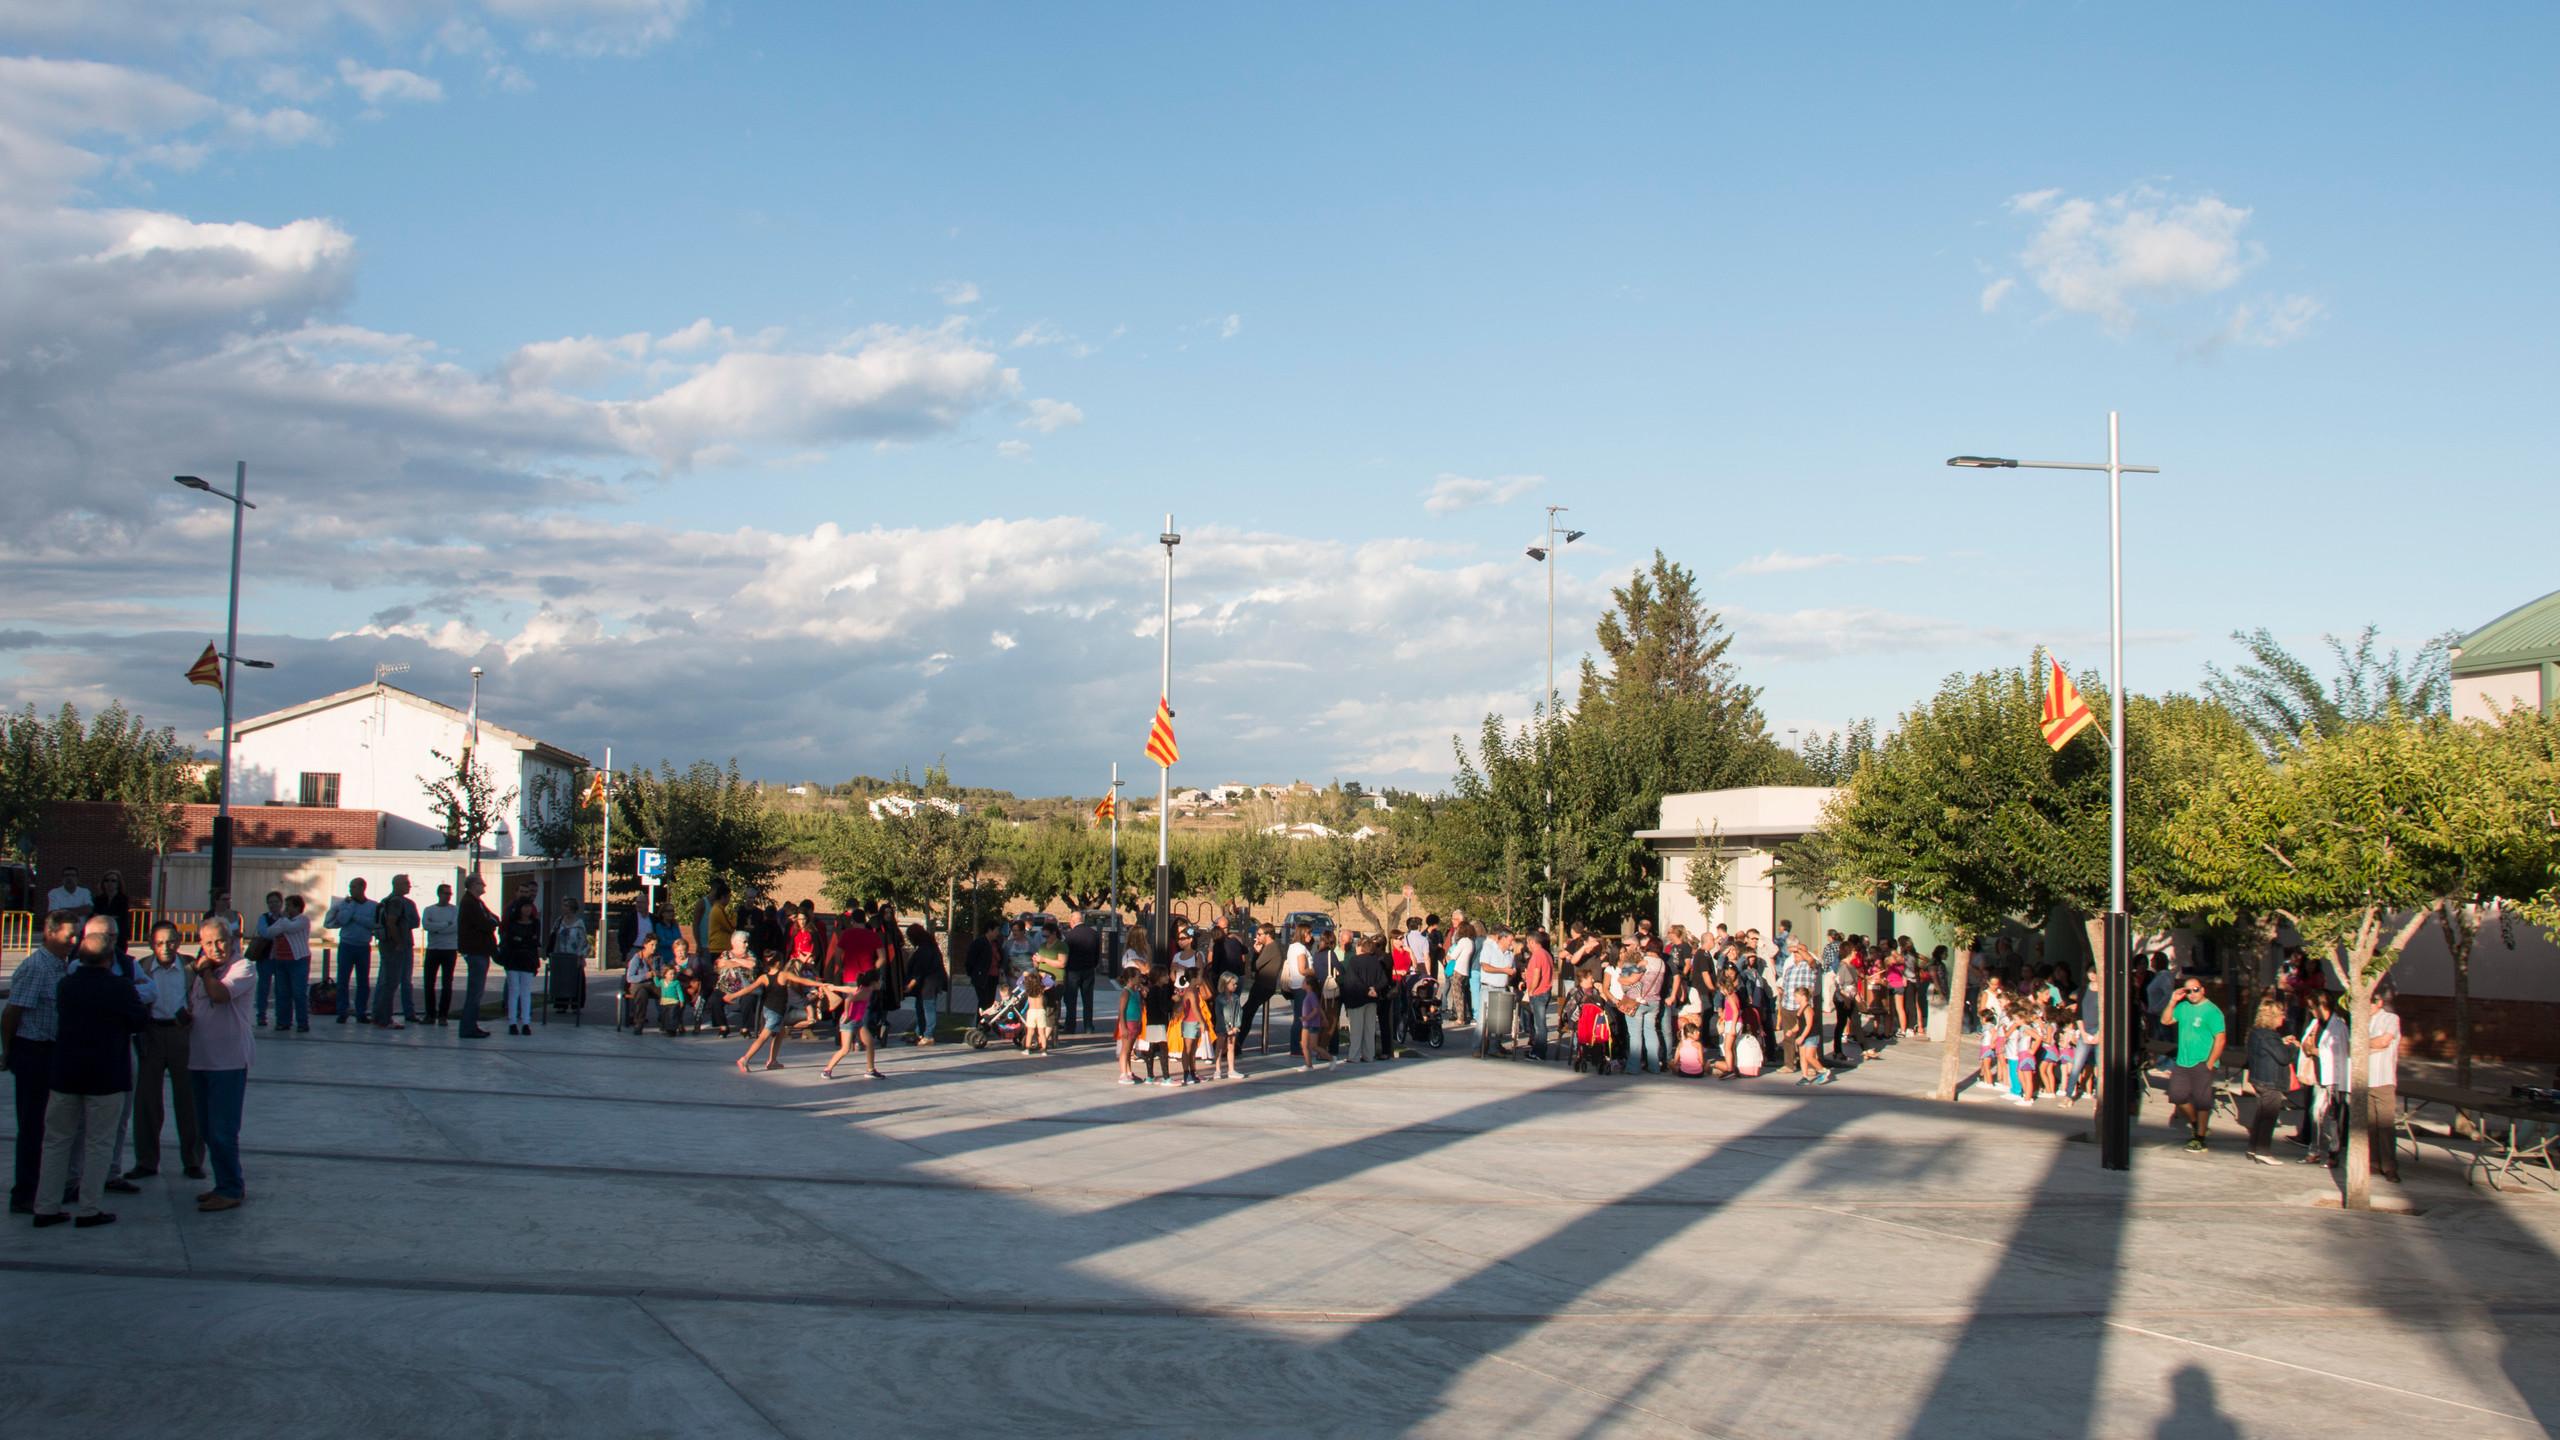 Plaça_de_la_vila_2